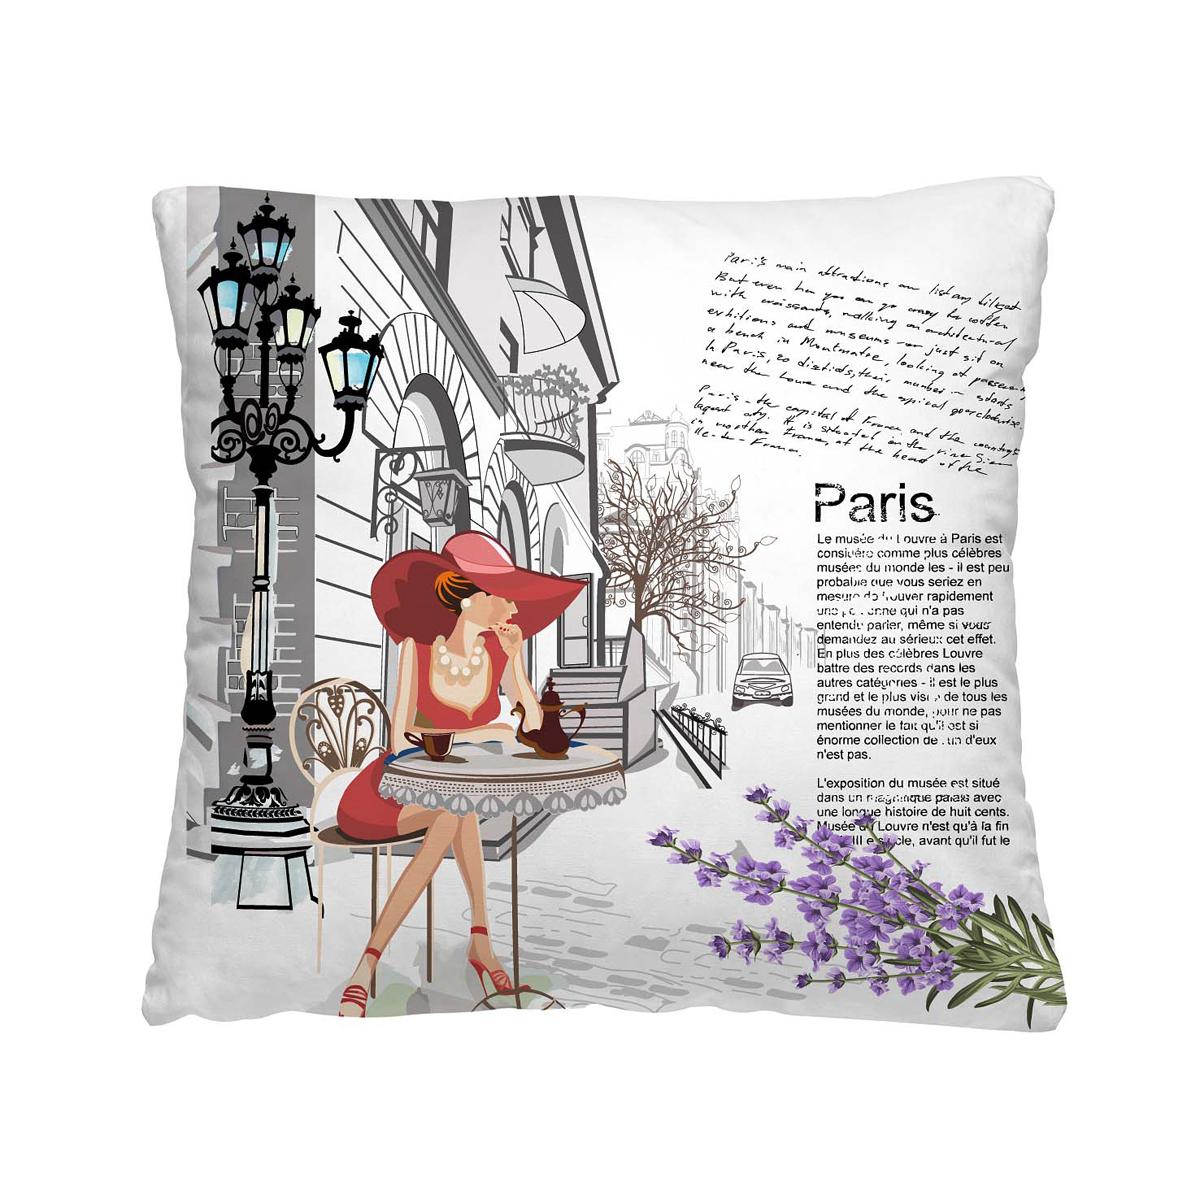 Подушка декоративная Волшебная ночь Кафе в Париже, 40 х 40 см195635Одной из задач, которую решают подушки, является создание яркости и цветности в интерьере. Также изделия создают особую домашнюю атмосферу и уют. Конструкция декоративной подушки - практичная, удобная в эксплуатации и уходе.Особенности изделия: - Съёмный чехол на молнии; - Наполнитель в индивидуальной наволочке; - Оборотная сторона из стёганого полотна для улучшения формоустойчивостиРазмер: 40 x 40 см. Ткань чехла - полиэстер 100%. Наполнитель - мягкое и объёмное волокно из полиэстера 100%. Упаковка - Стильная упаковка с zip застёжкой.